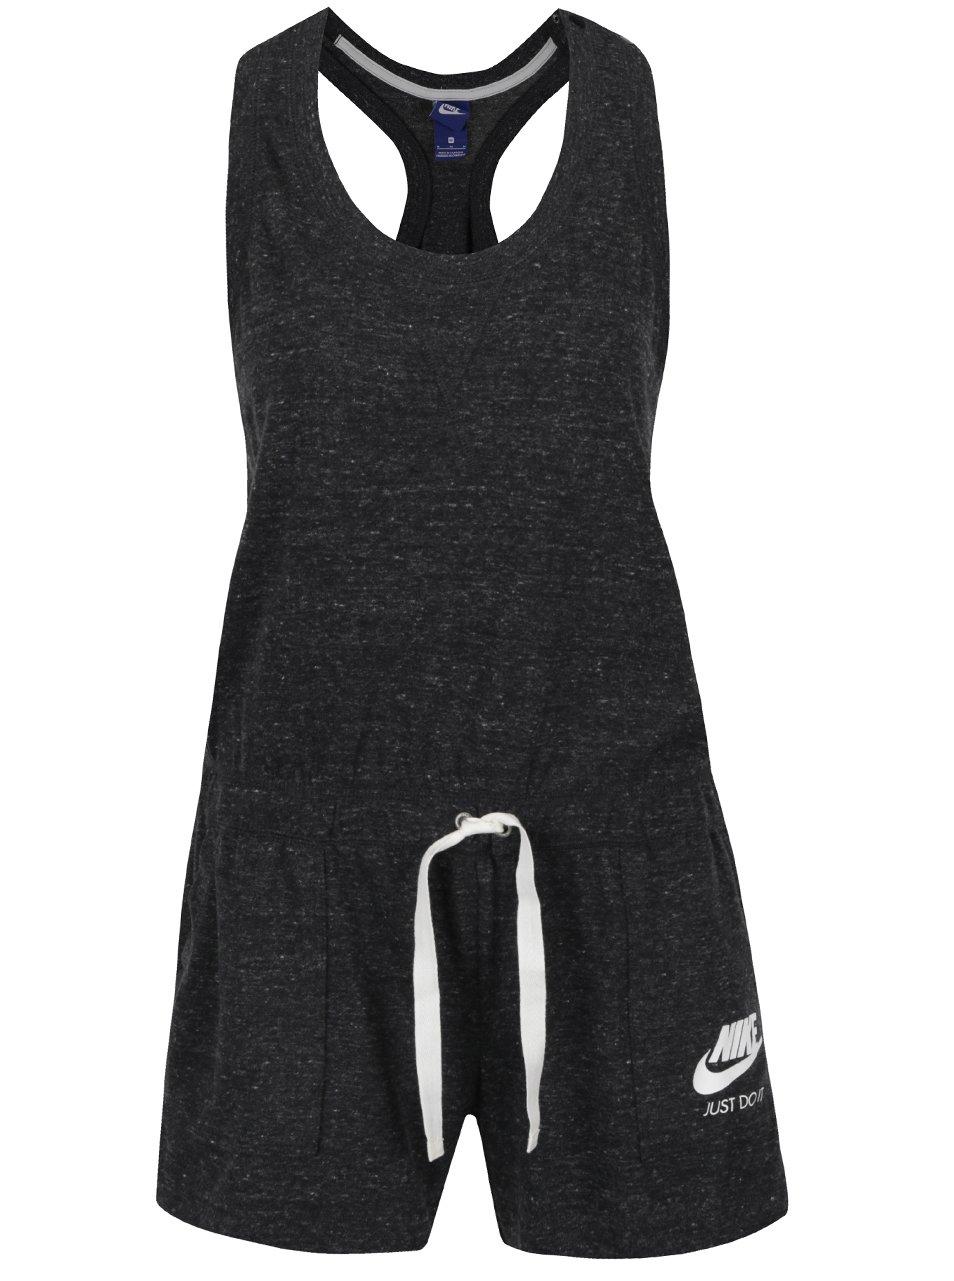 Černý dámský krátký žíhaný overal Nike